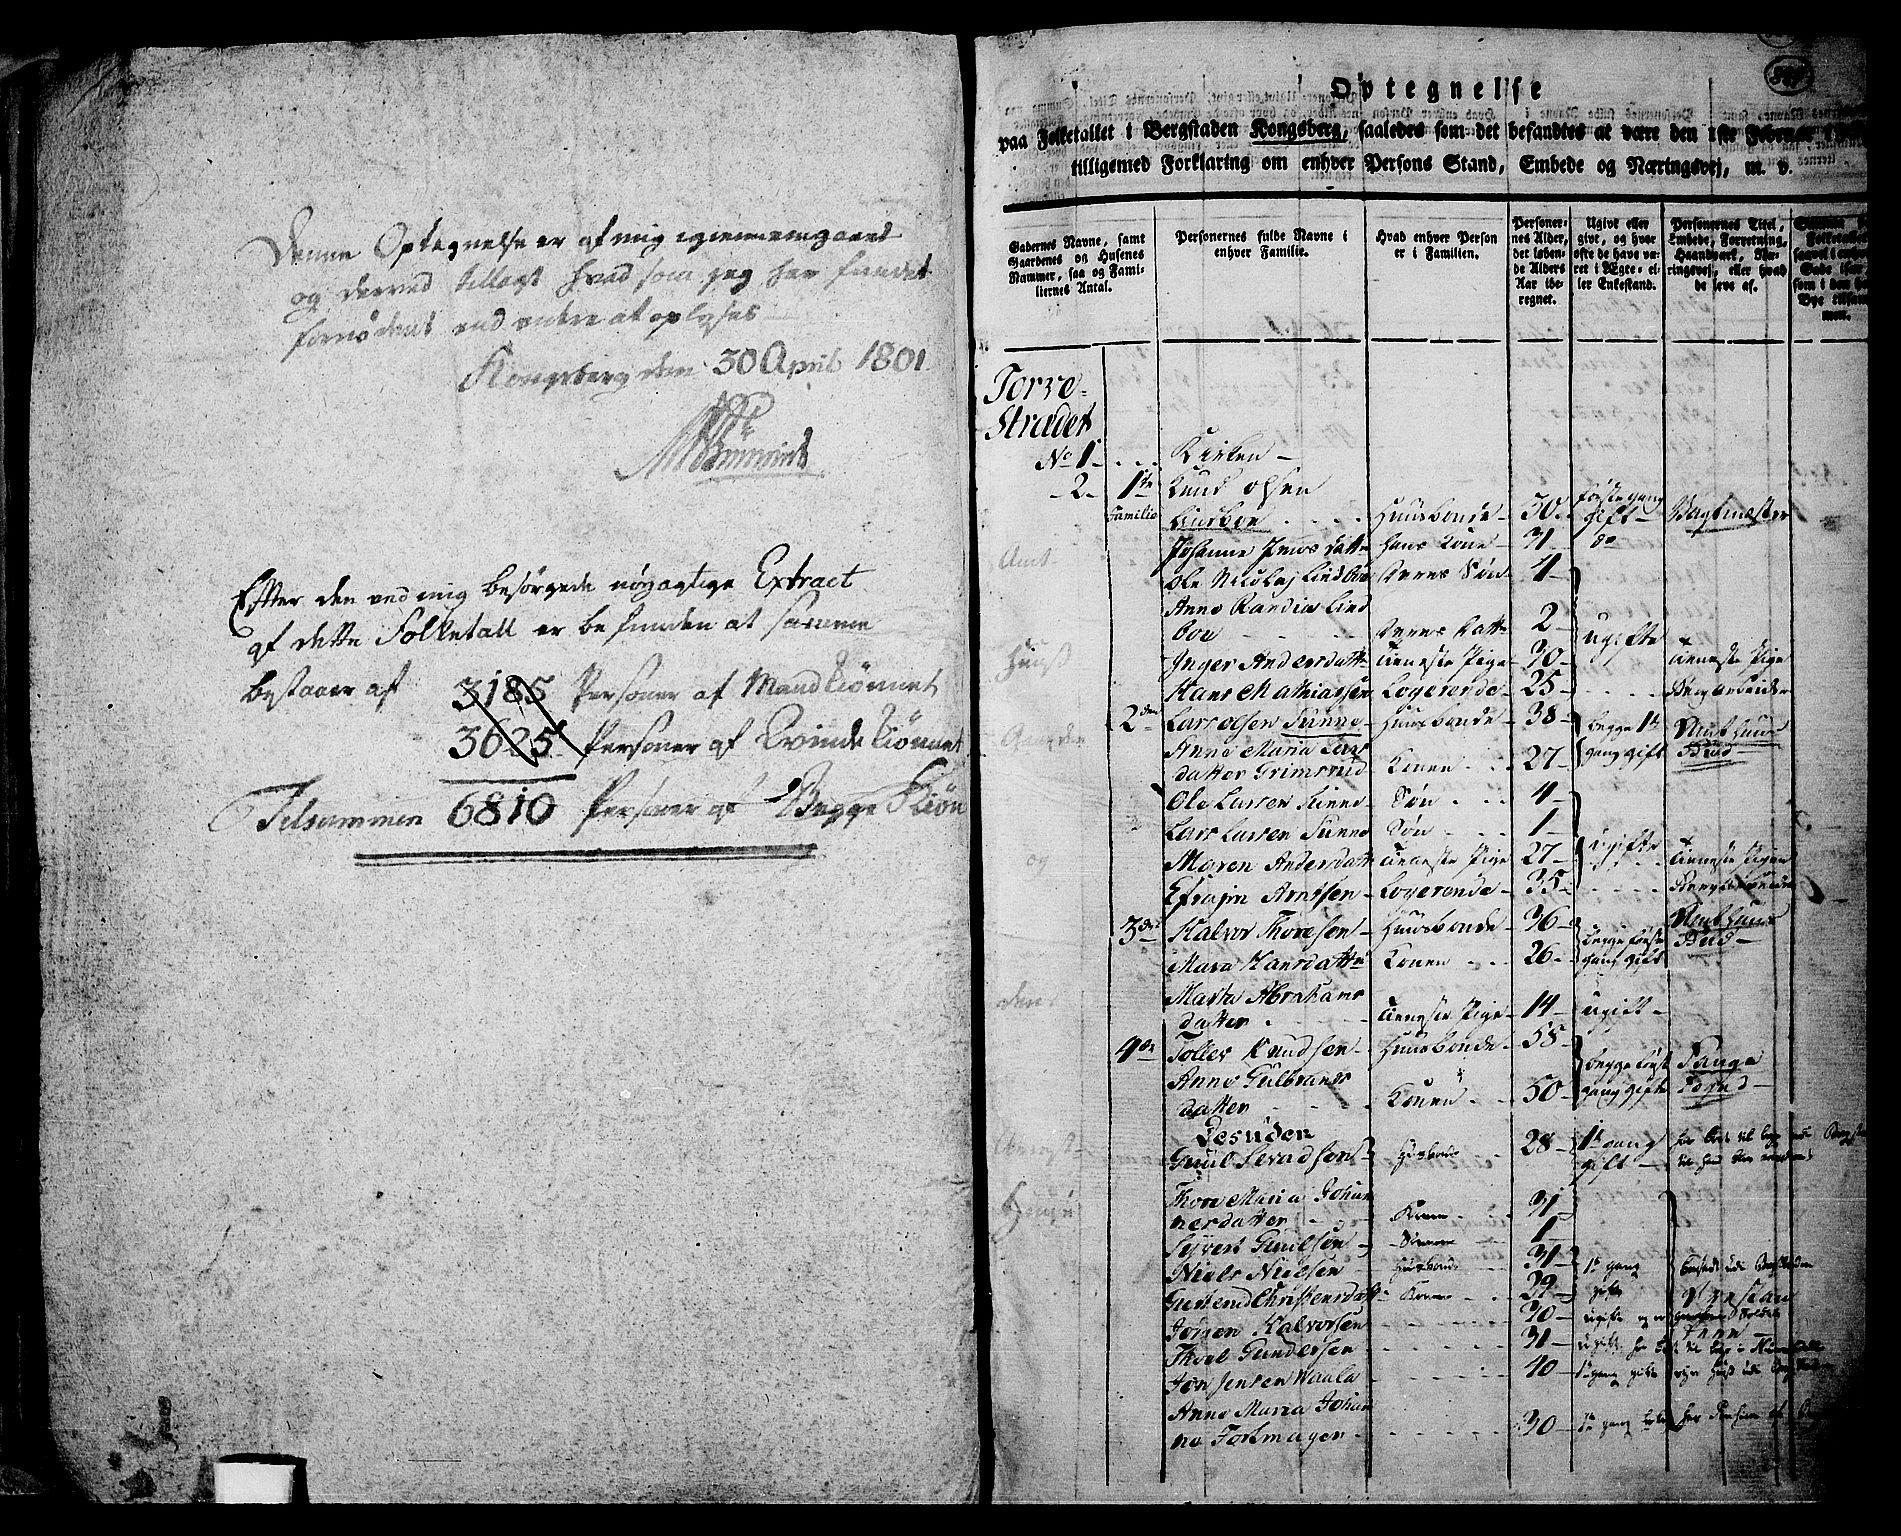 RA, Folketelling 1801 for 0604P Kongsberg prestegjeld, 1801, s. 881a